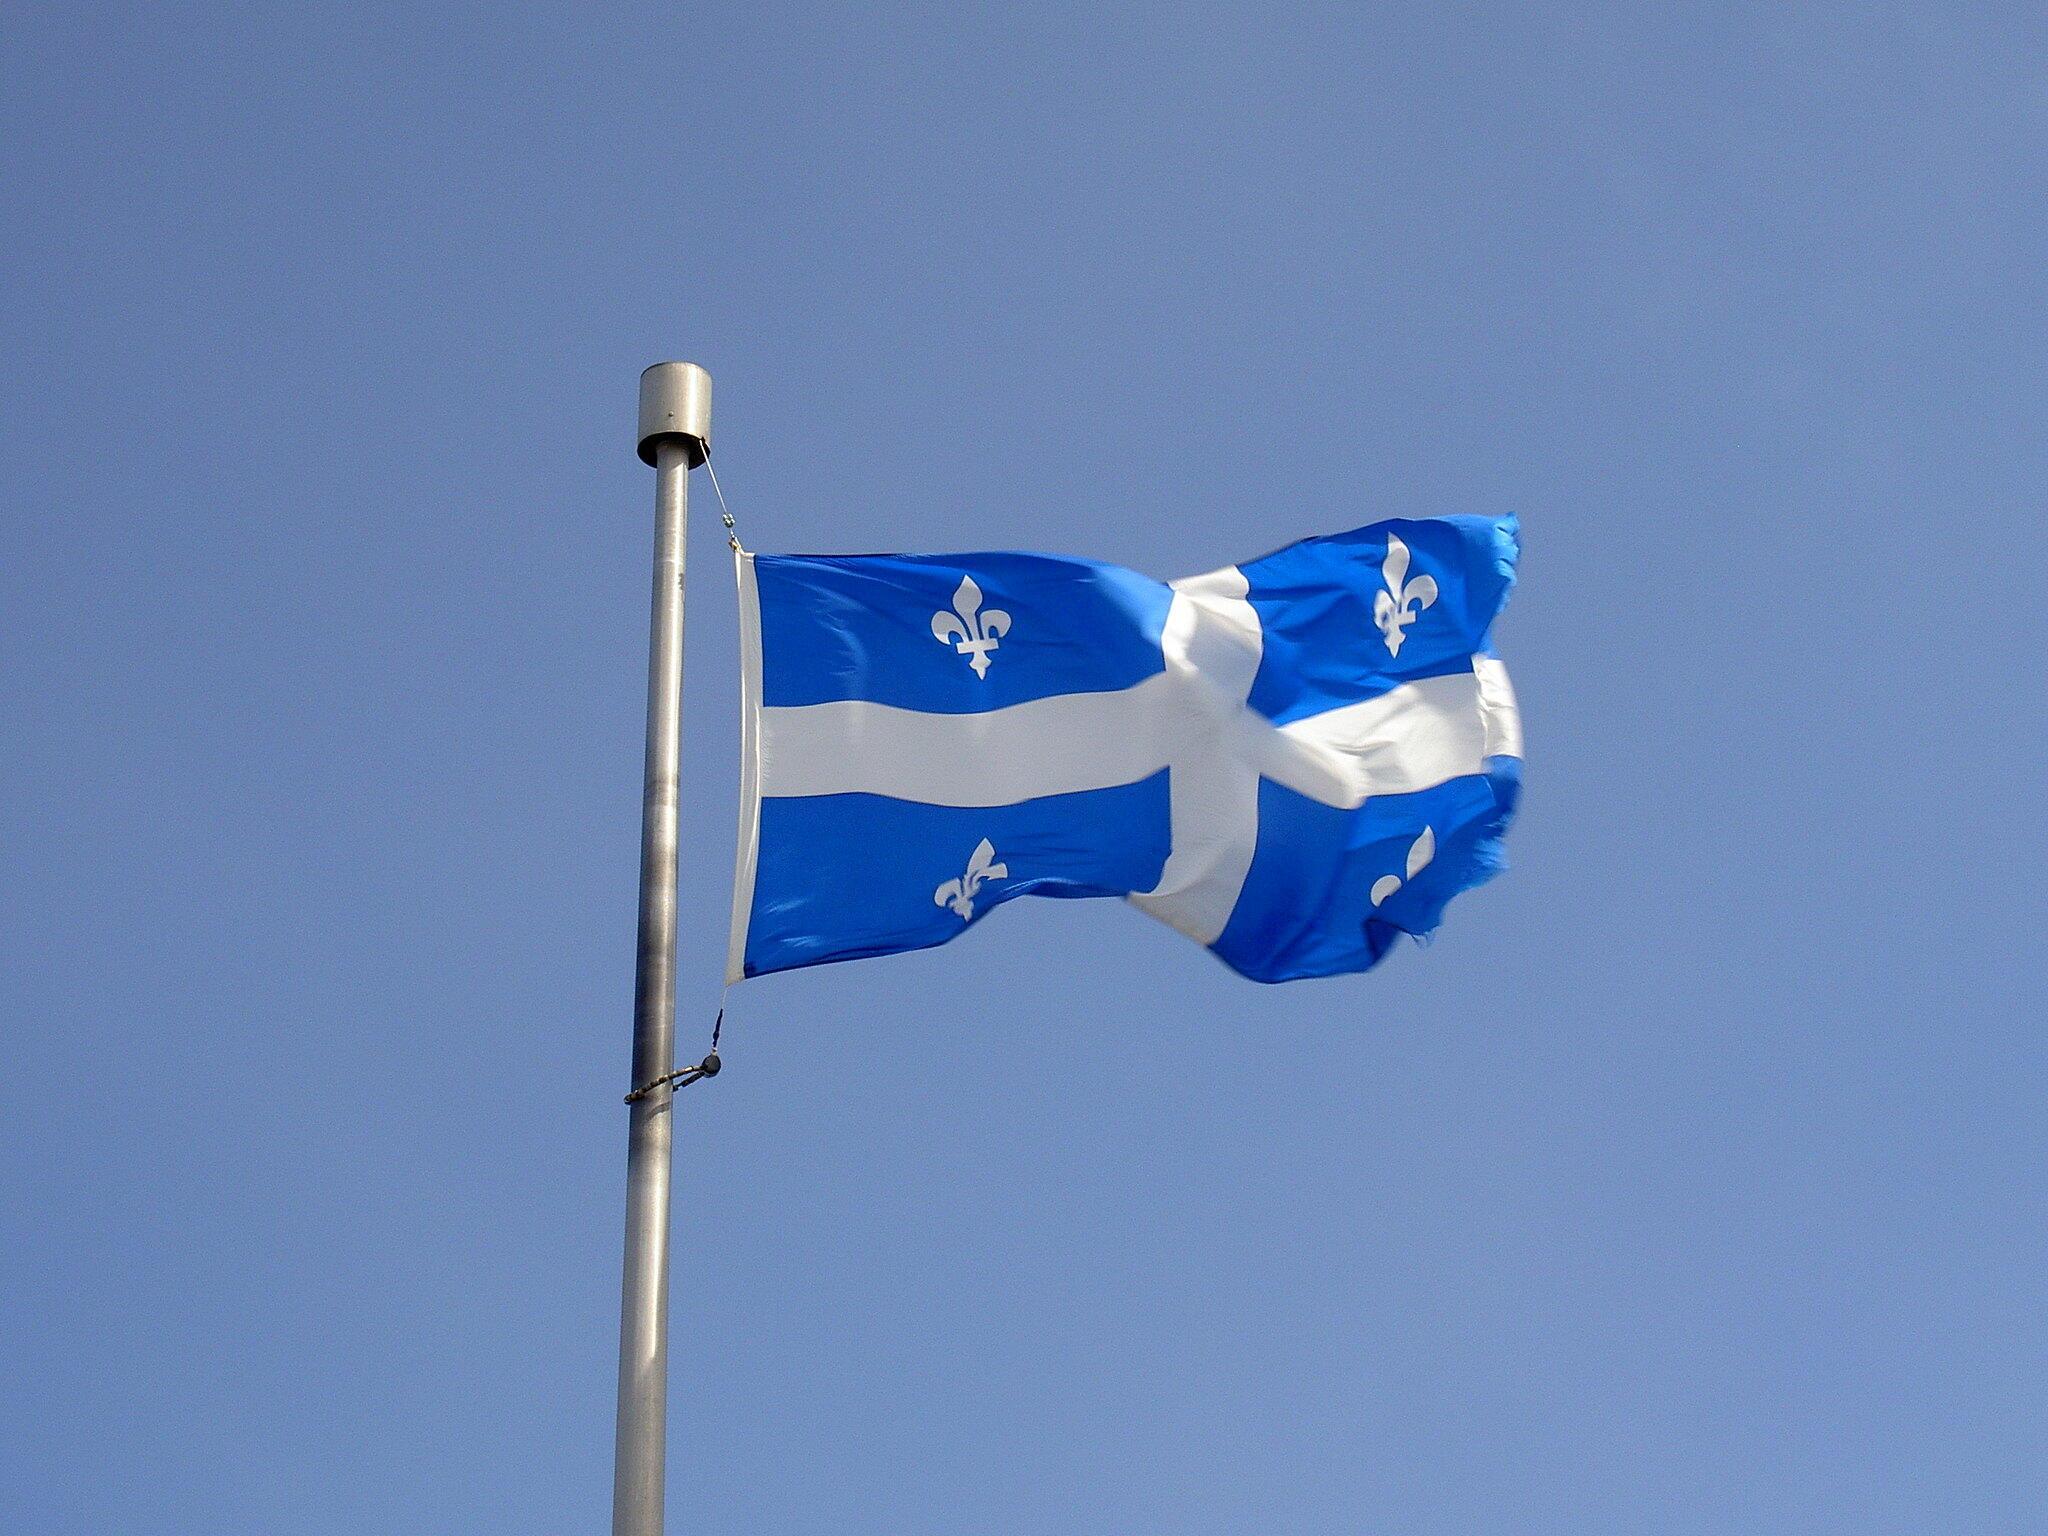 Drapeau du Québec (image d'illustration)